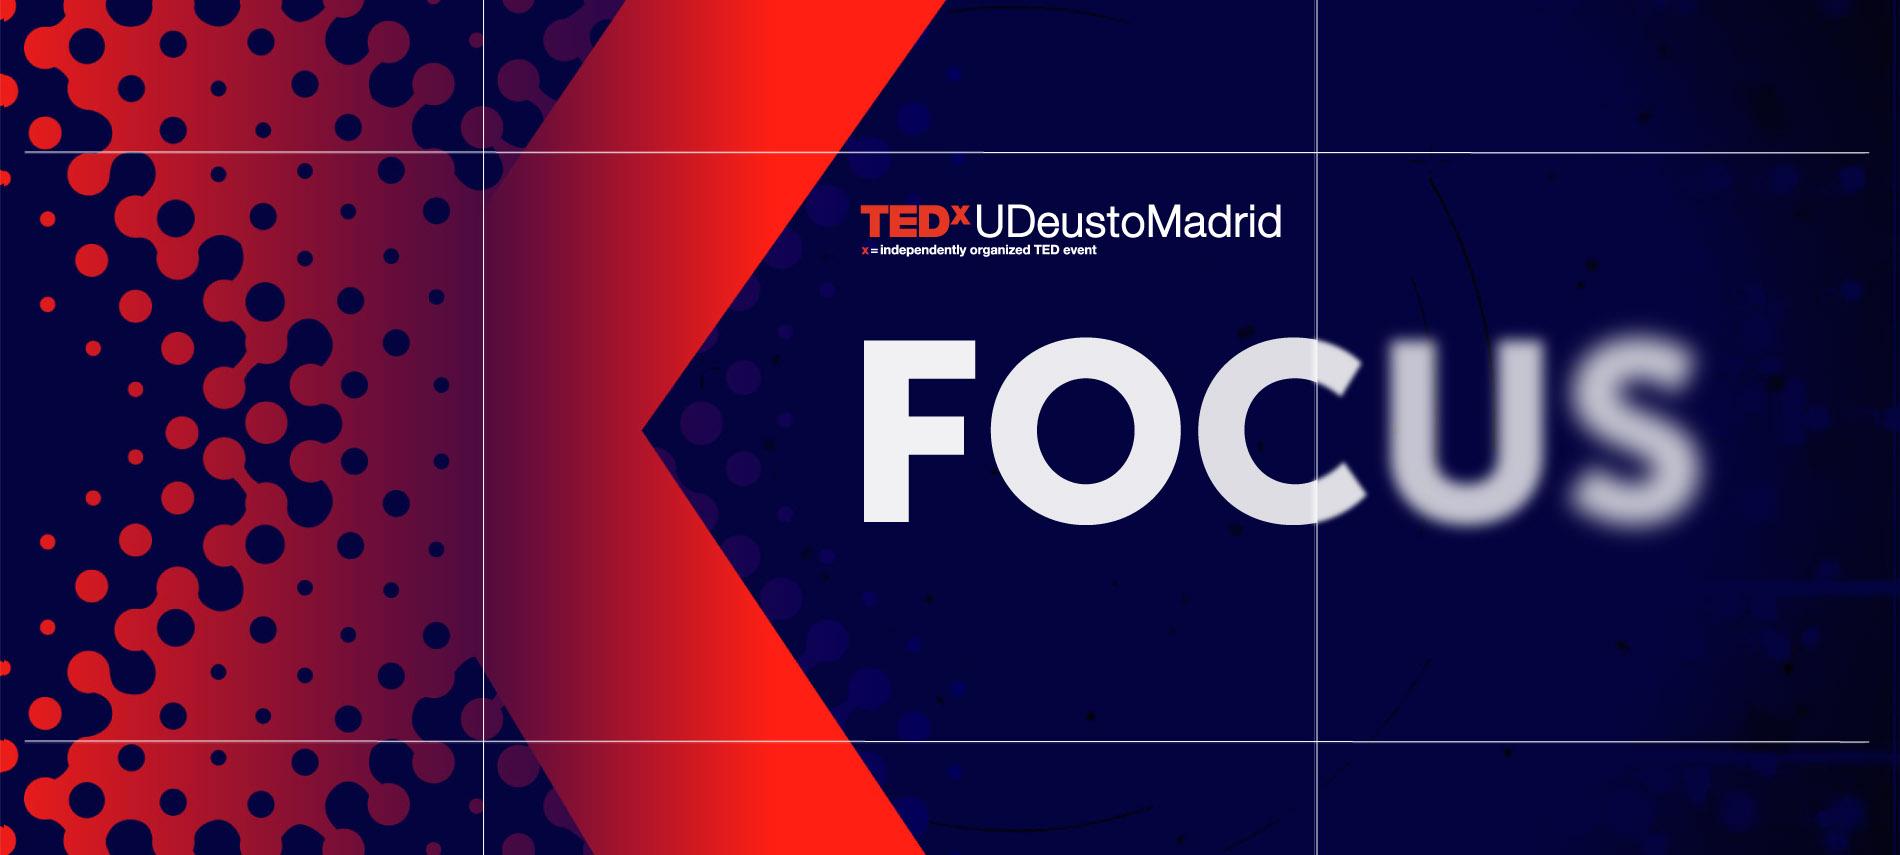 TedxUdeustoMadrid. Focus